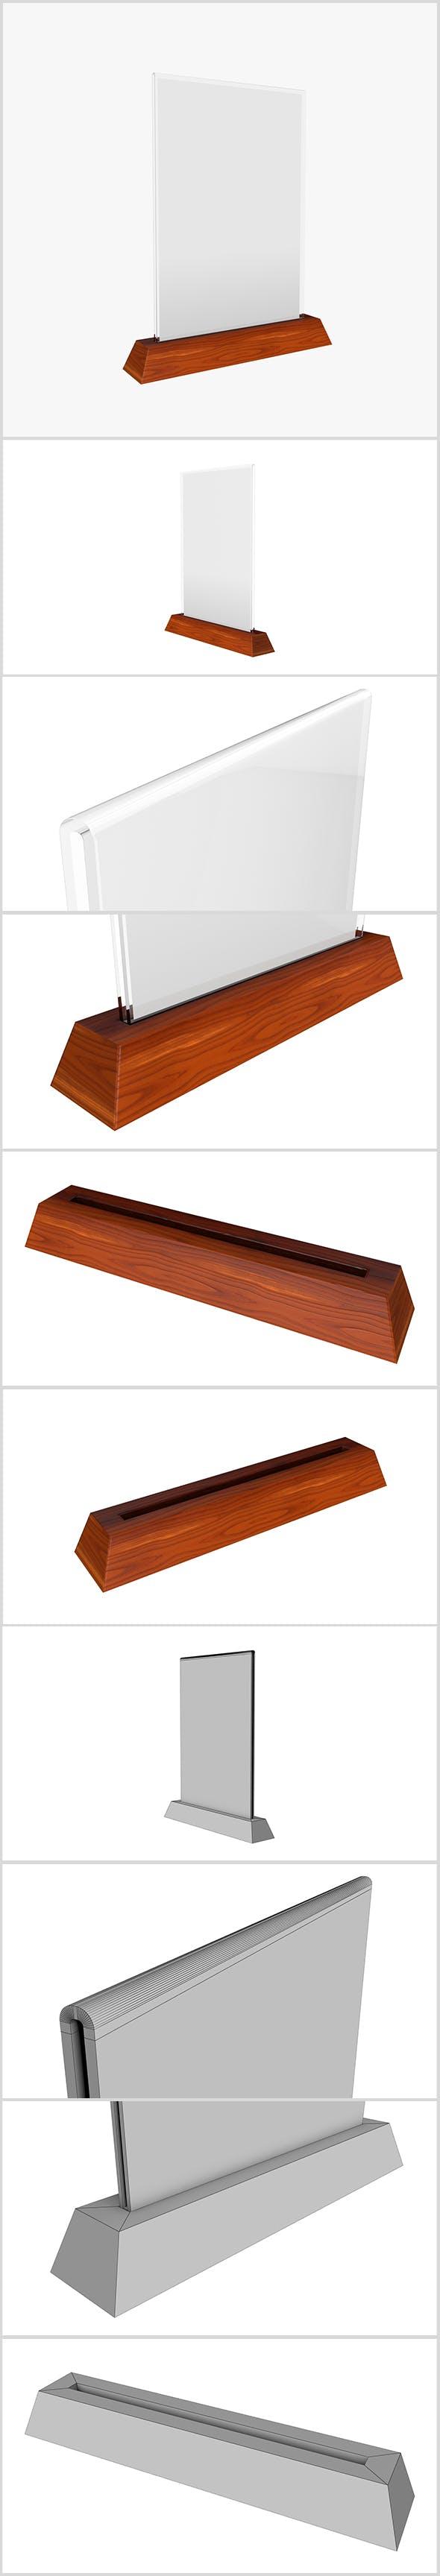 Wooden Holder 3D model - 3DOcean Item for Sale